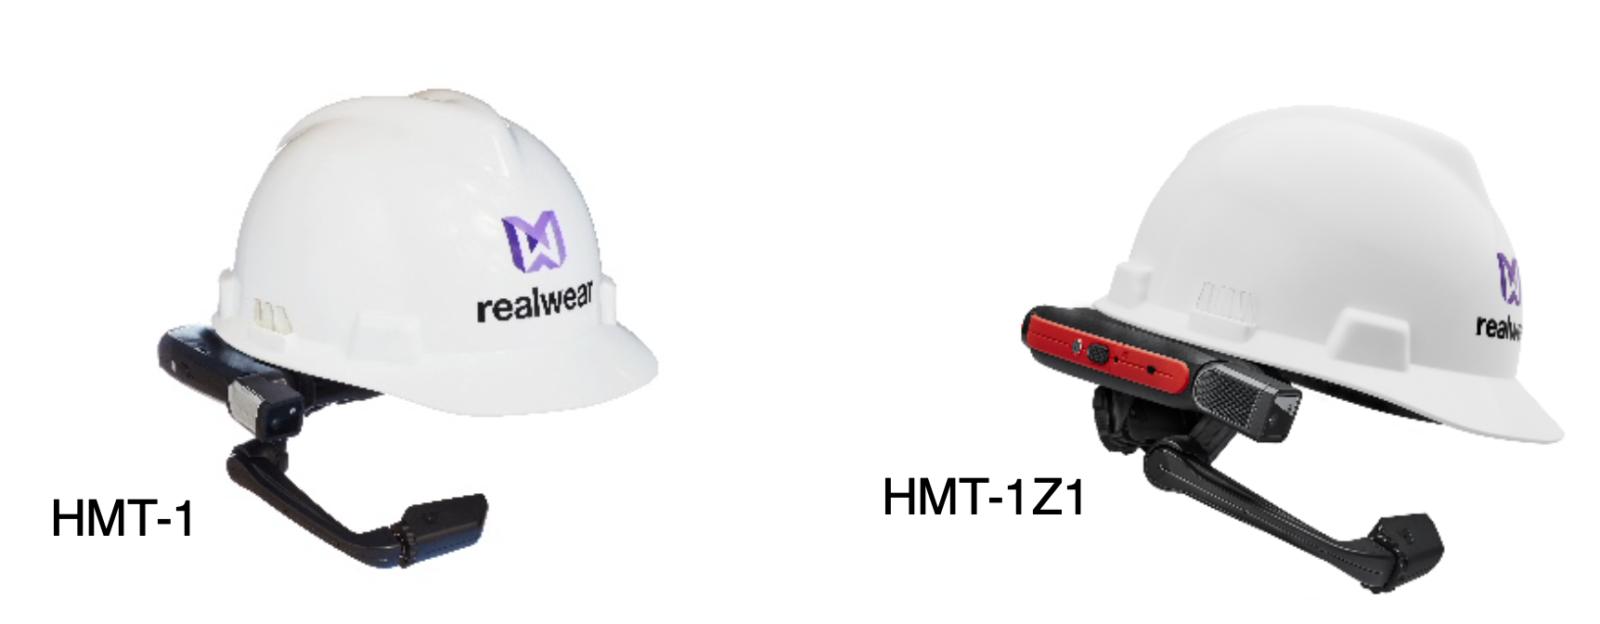 スマートグラスシステム <p>HMT-1<br />HMT-1Z1*<br />(防爆対応モデル)</p>